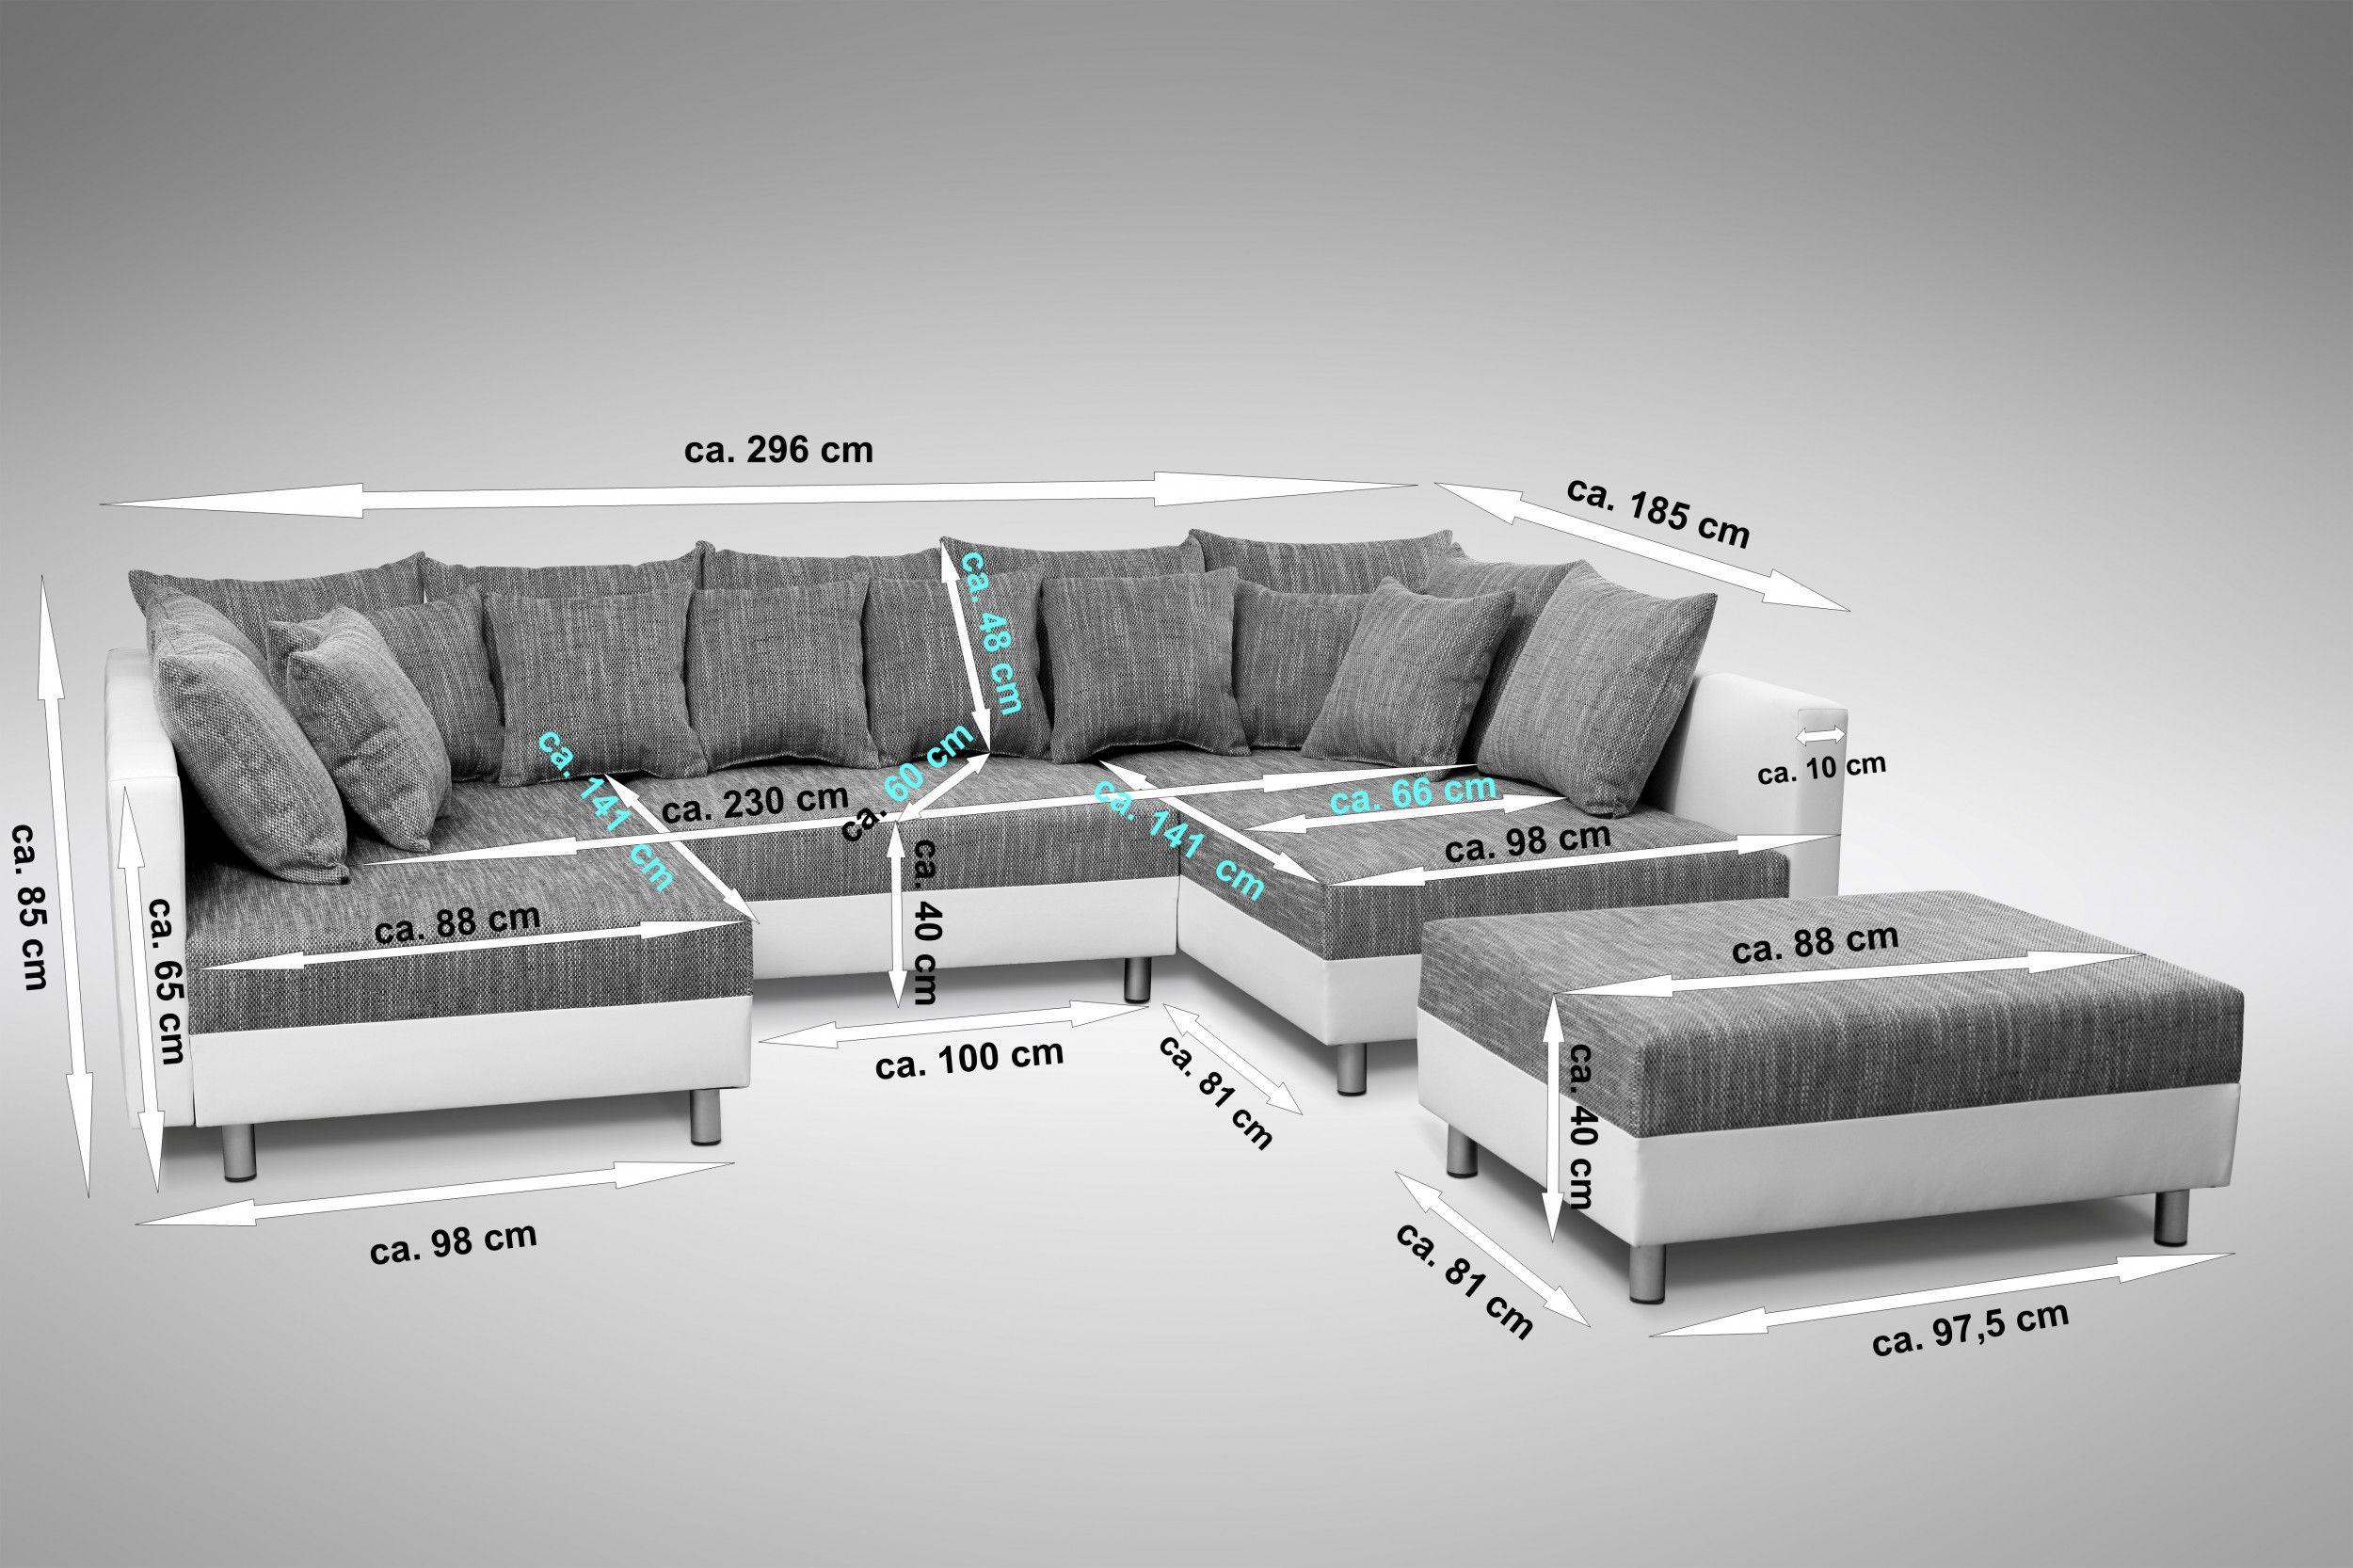 Sofa Couch Ecksofa Eckcouch in weiss / hellgrau Eckcouch mit Hocker - Minsk XXL – Bild 4